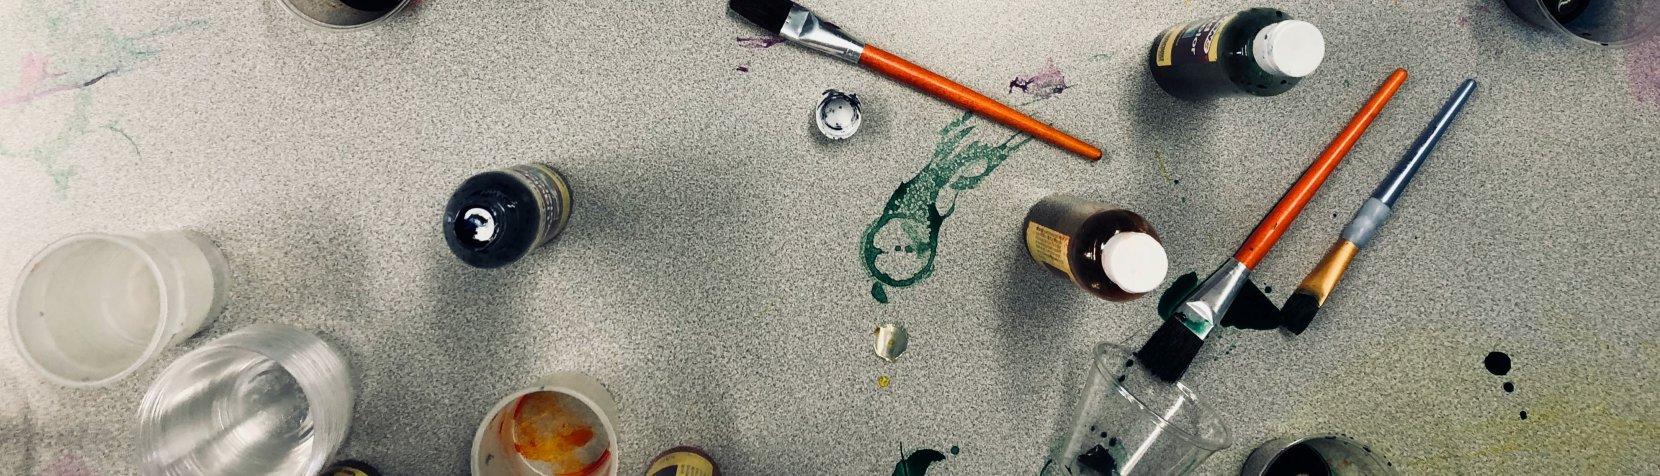 Maling og pensler på gulv